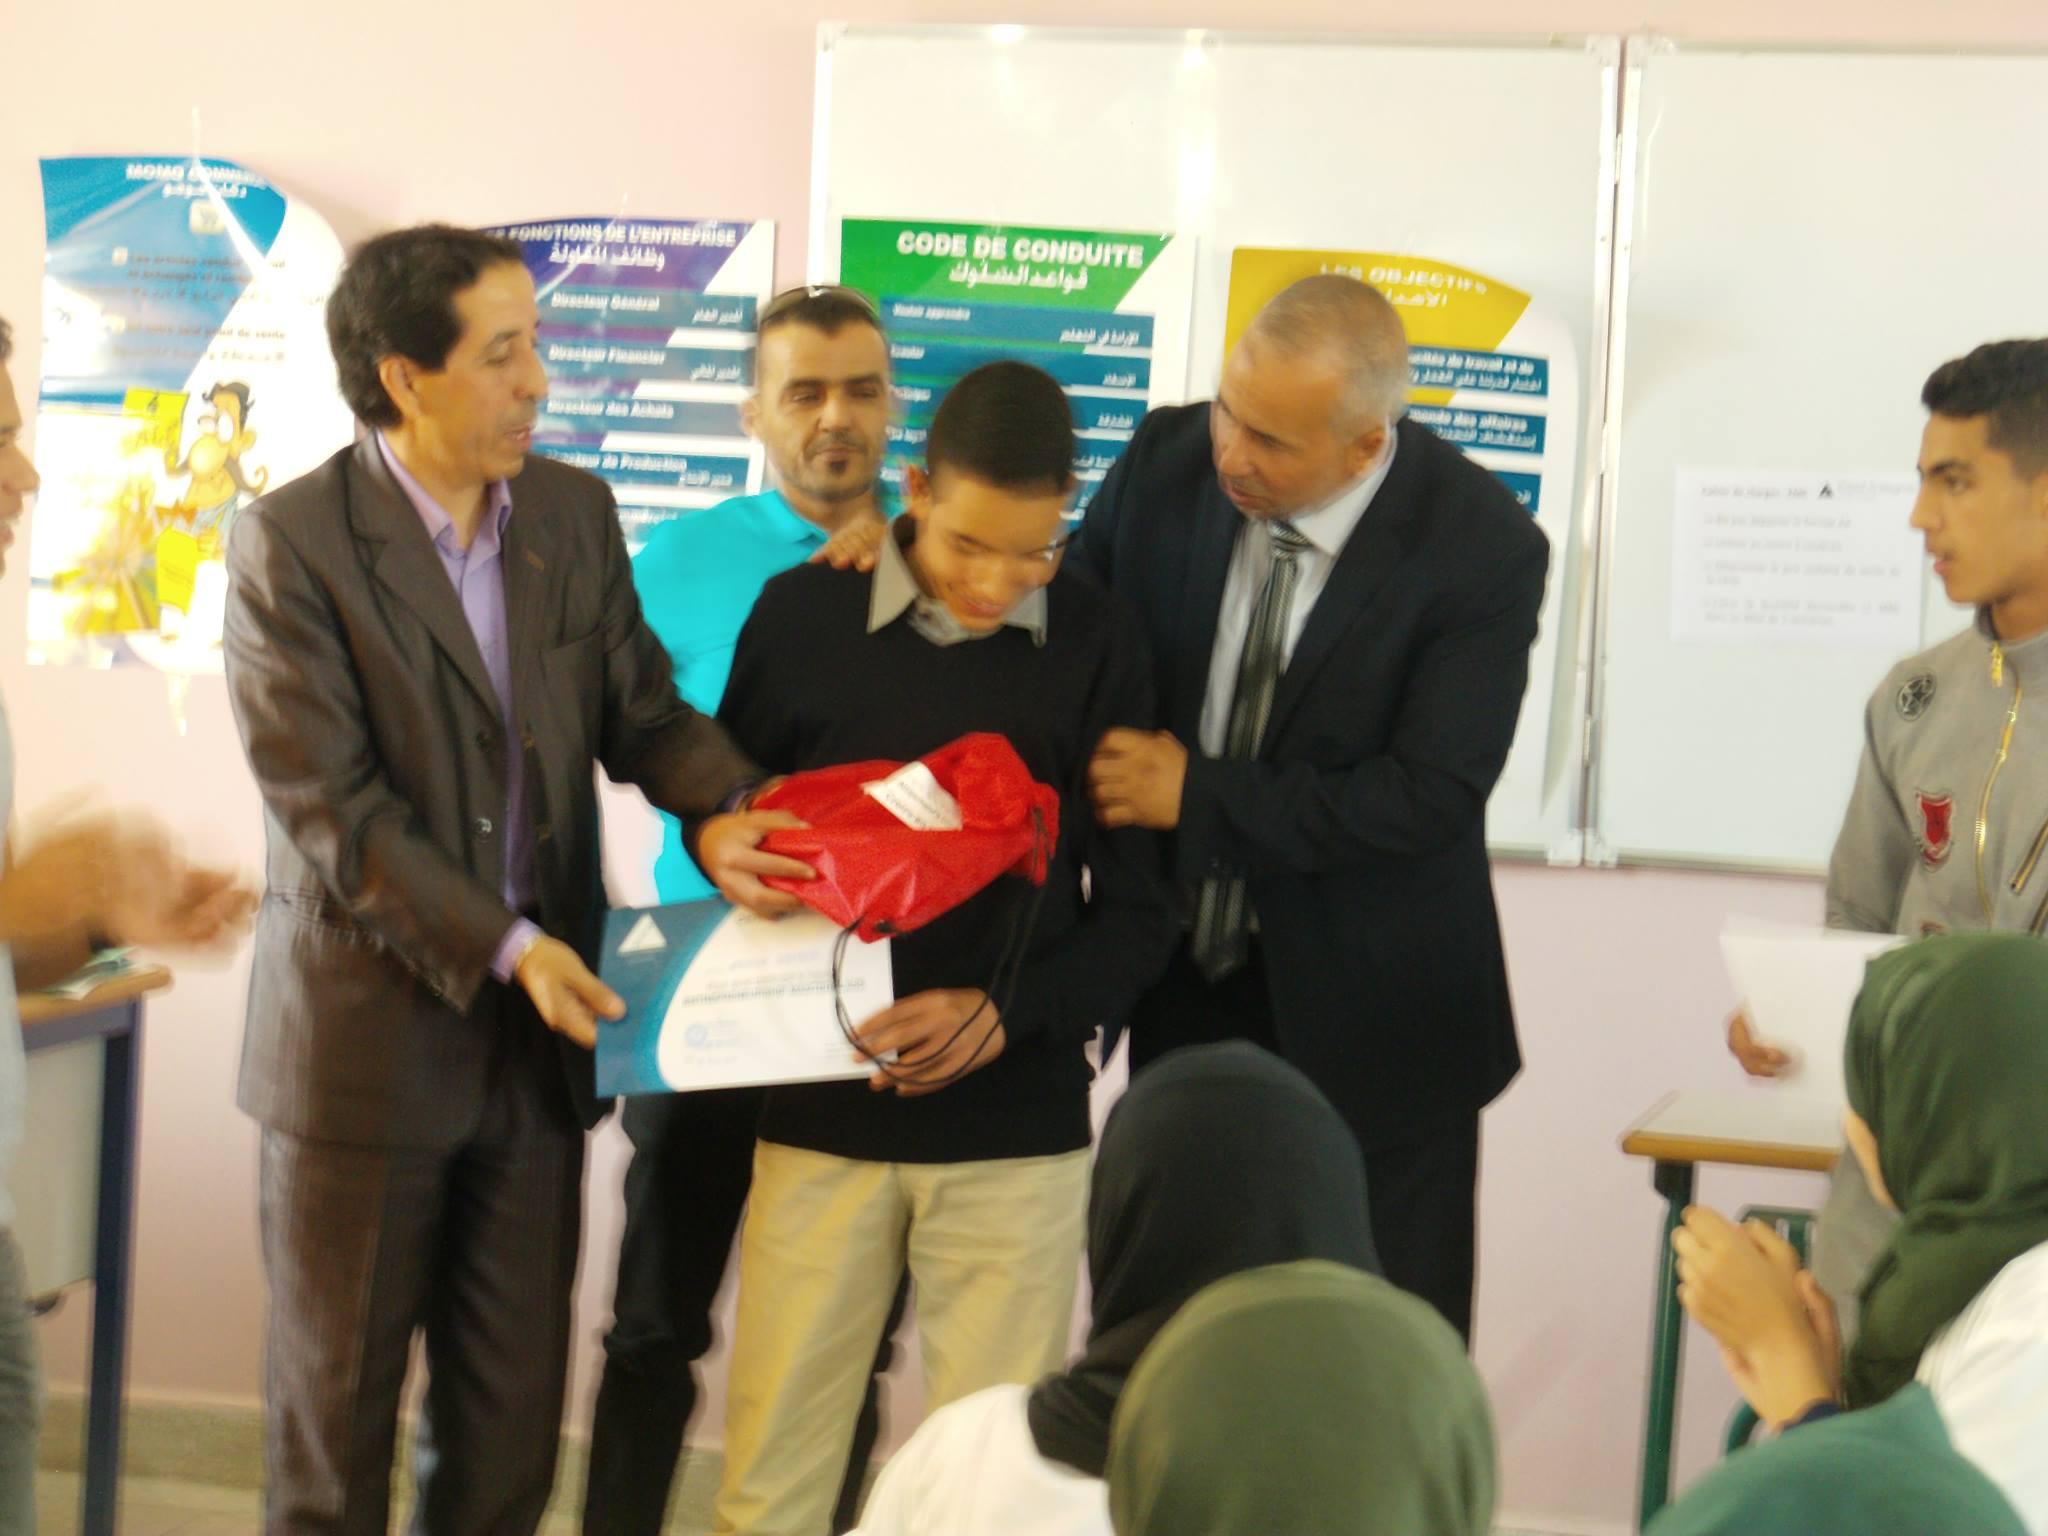 ثانوية ابن ماجة الاعدادية بتيزنيت تحتضن نشاطا حول تنمية الحس المقاولاتي لدى التلاميذ